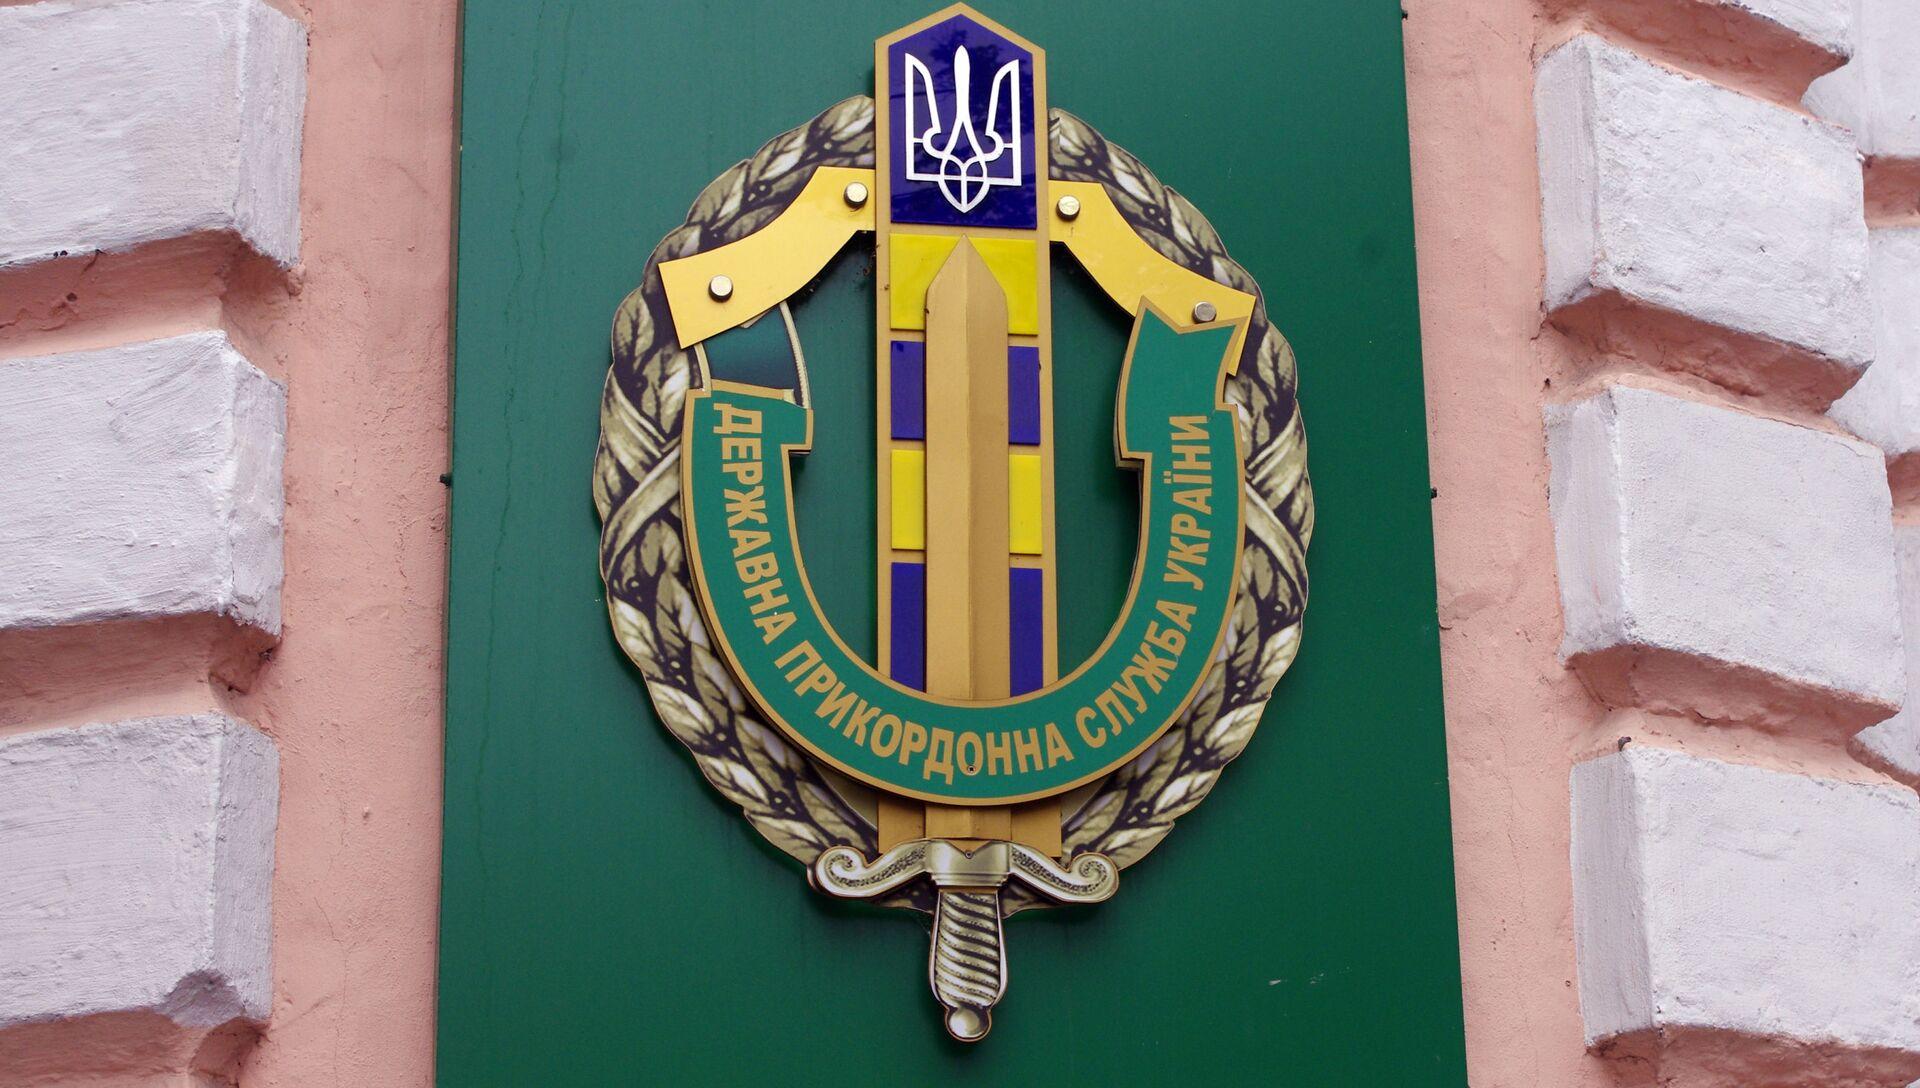 Госпогранслужба Украины - РИА Новости, 1920, 26.11.2020